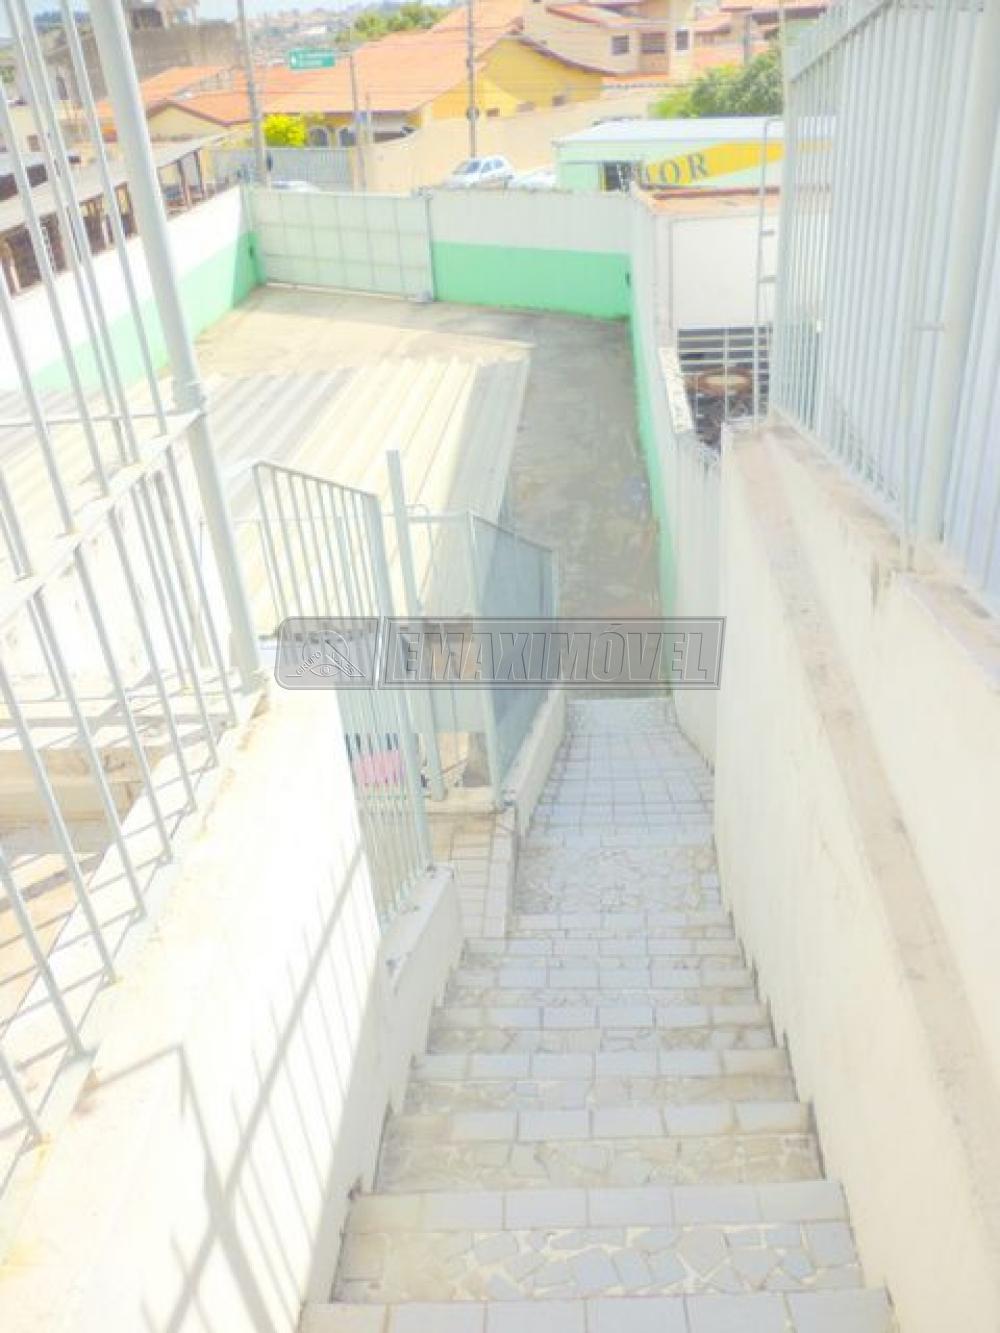 Comprar Salão Comercial / Negócios em Sorocaba R$ 1.950.000,00 - Foto 12